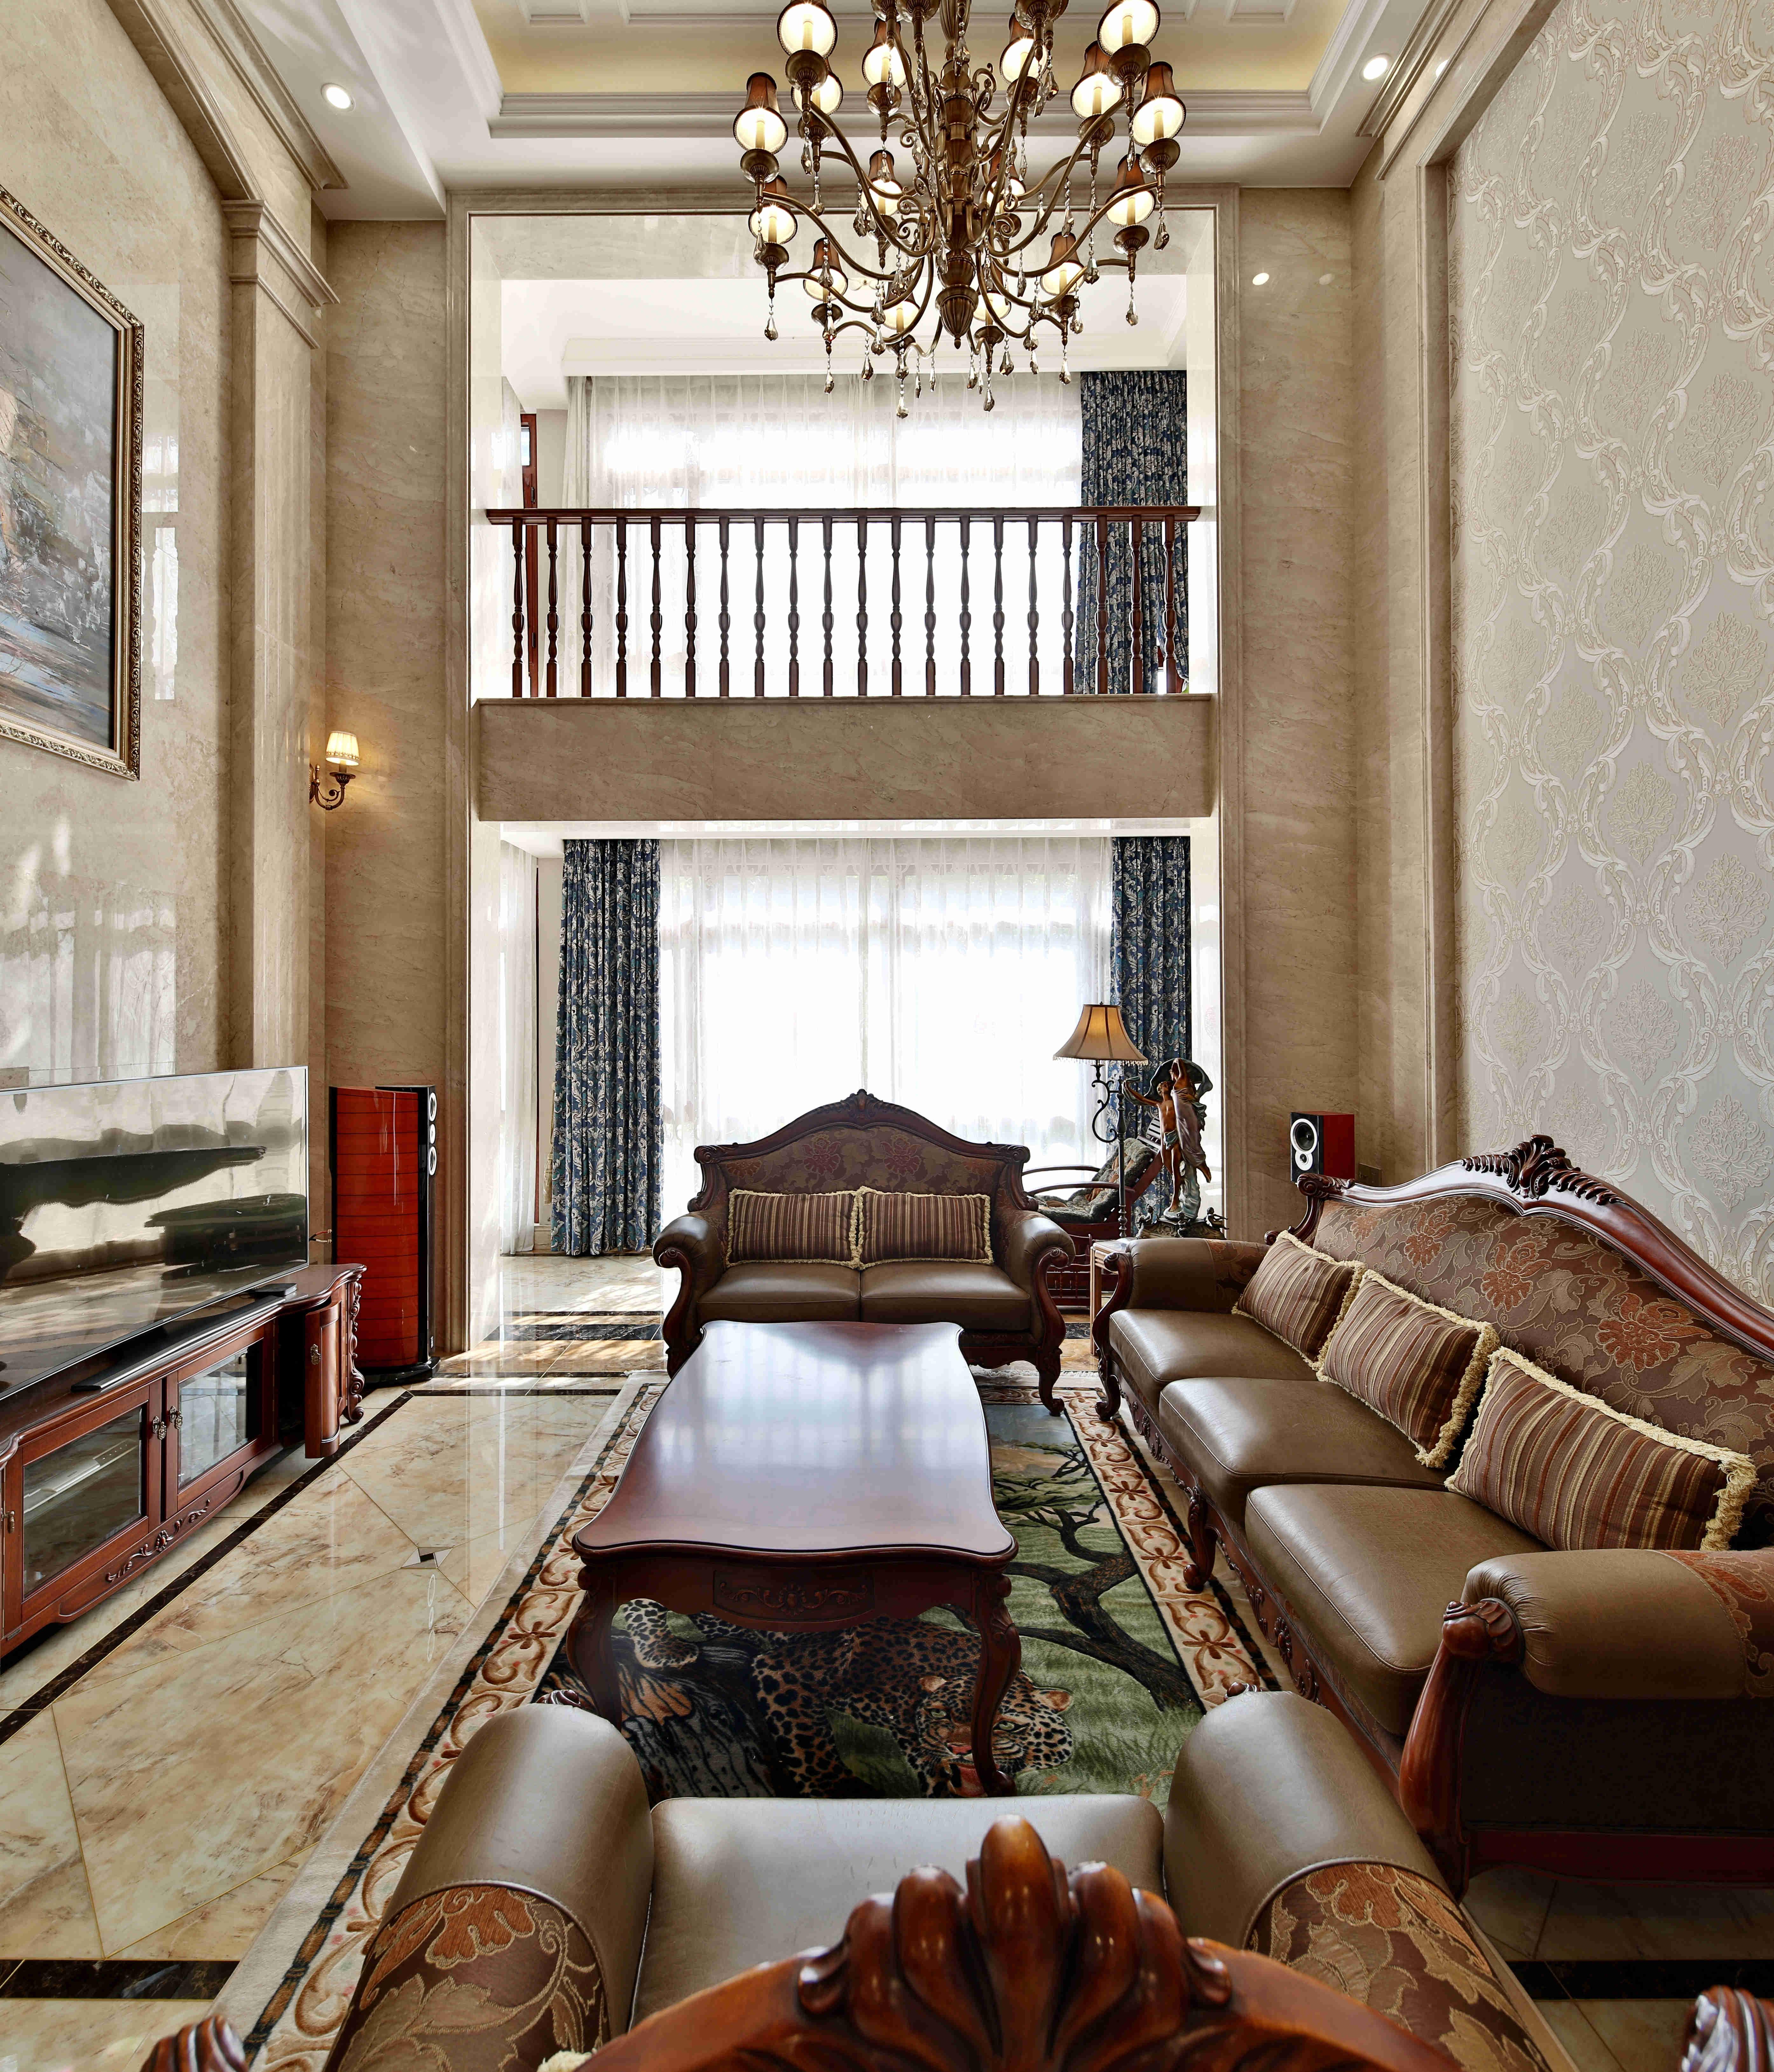 欧式别墅客厅装修效果图片_装修美图-新浪家居图片